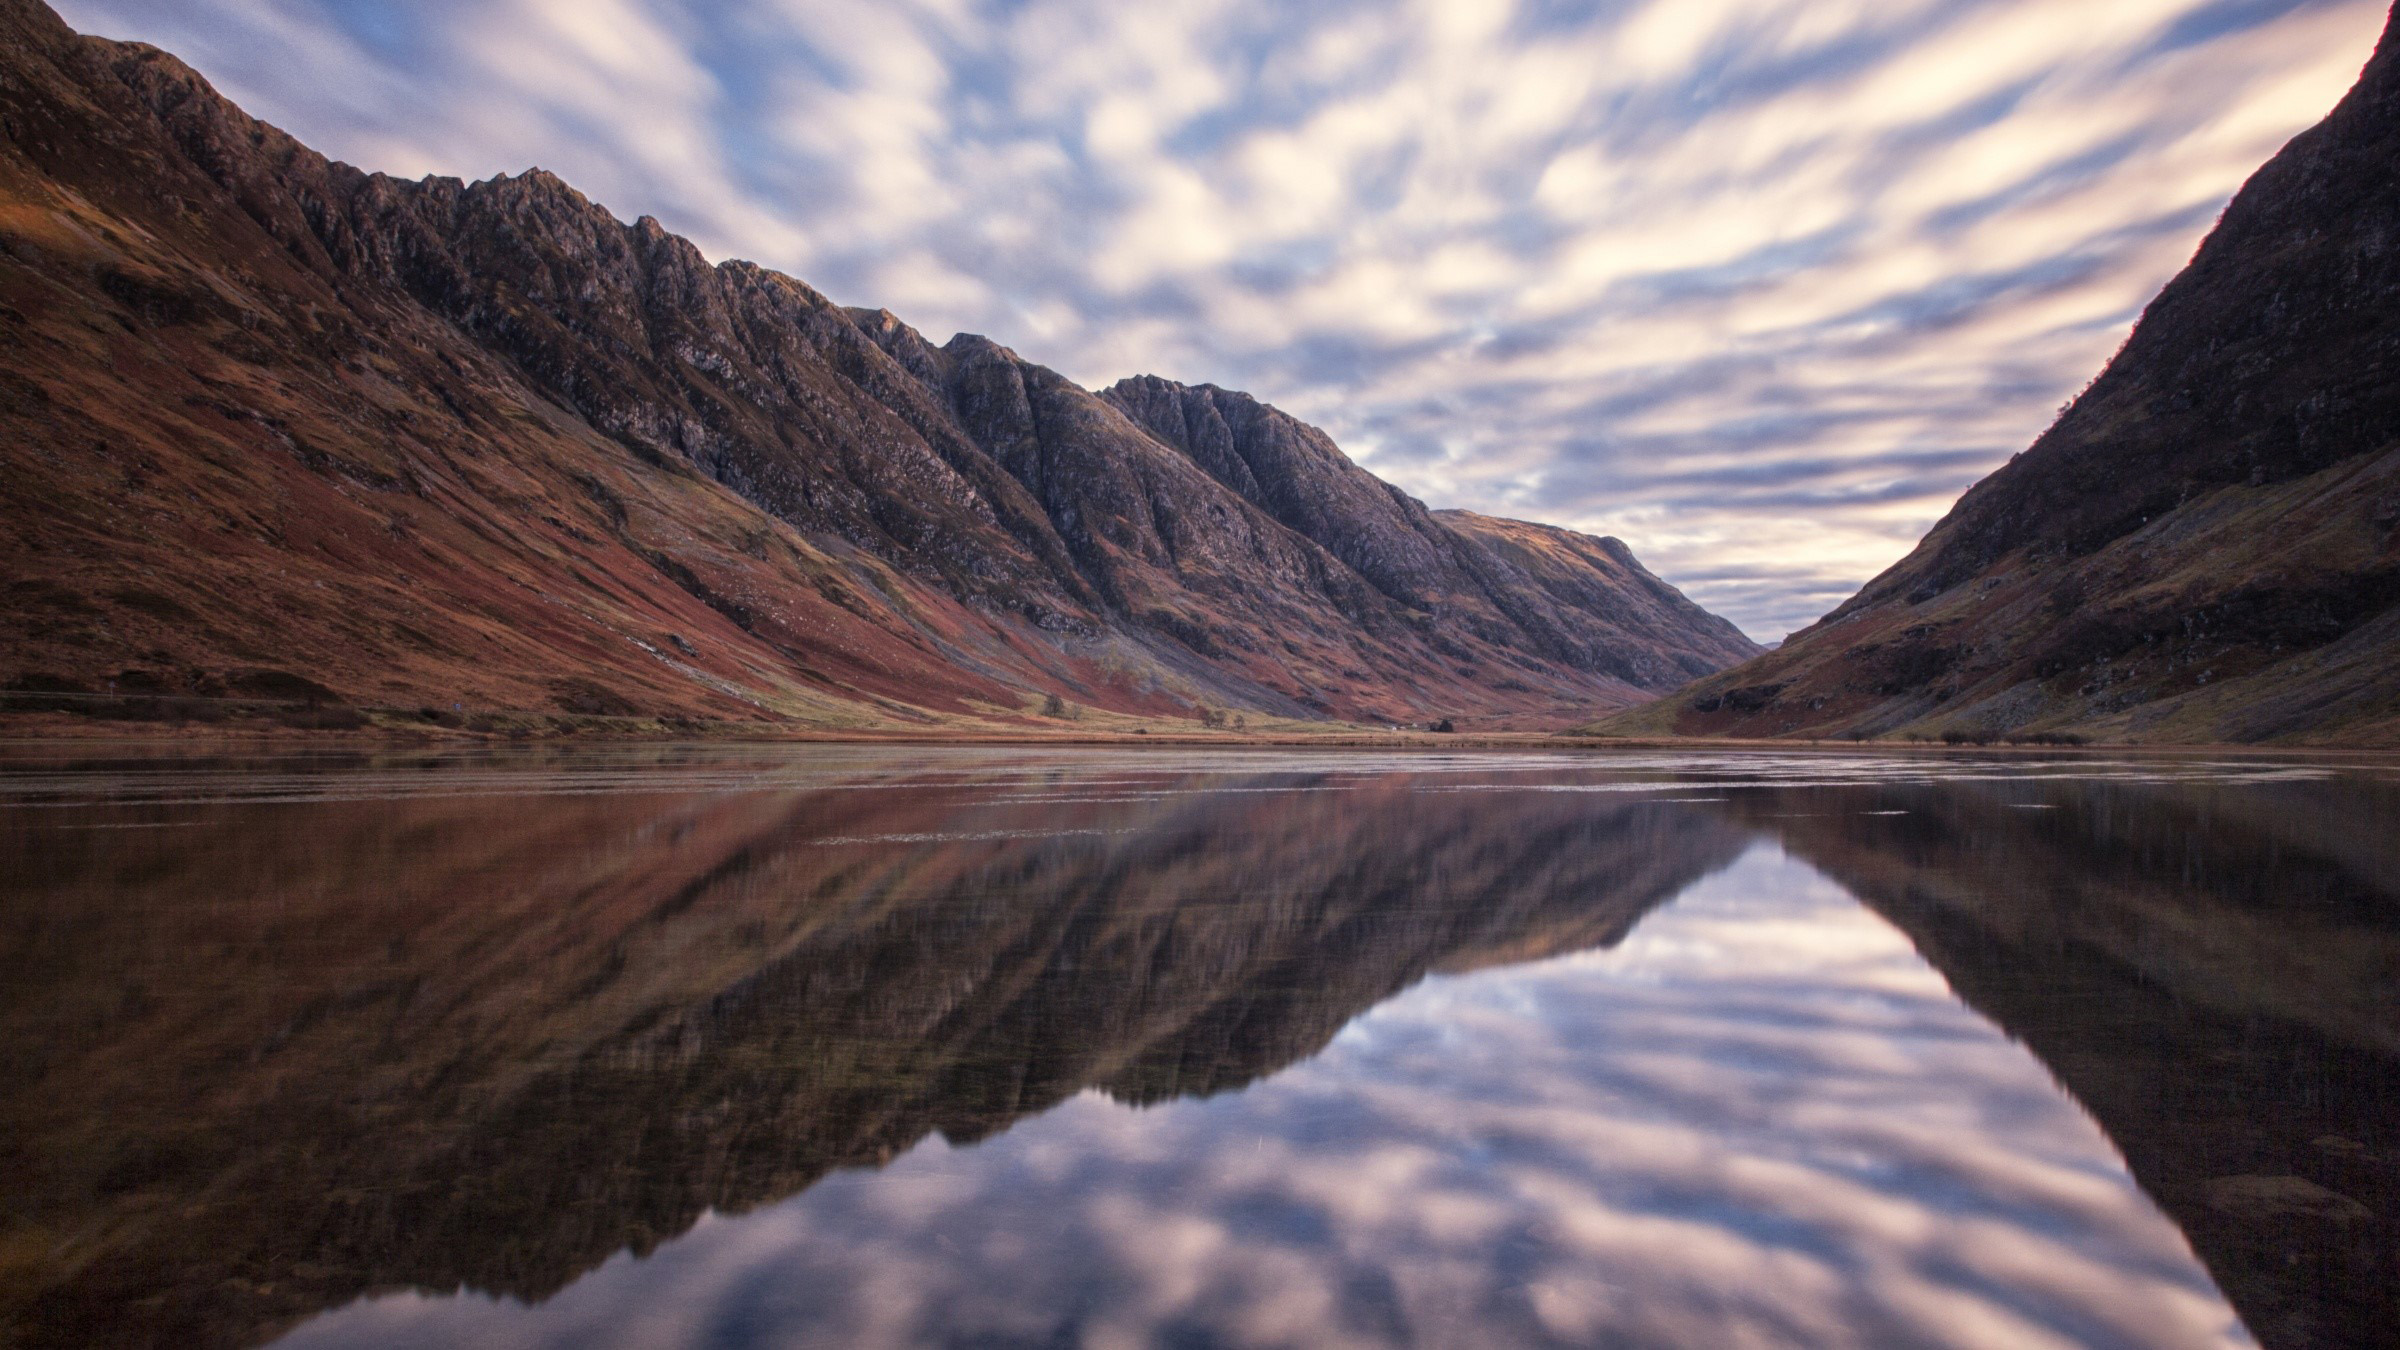 Wallpaper Aonach eagach in Scotland